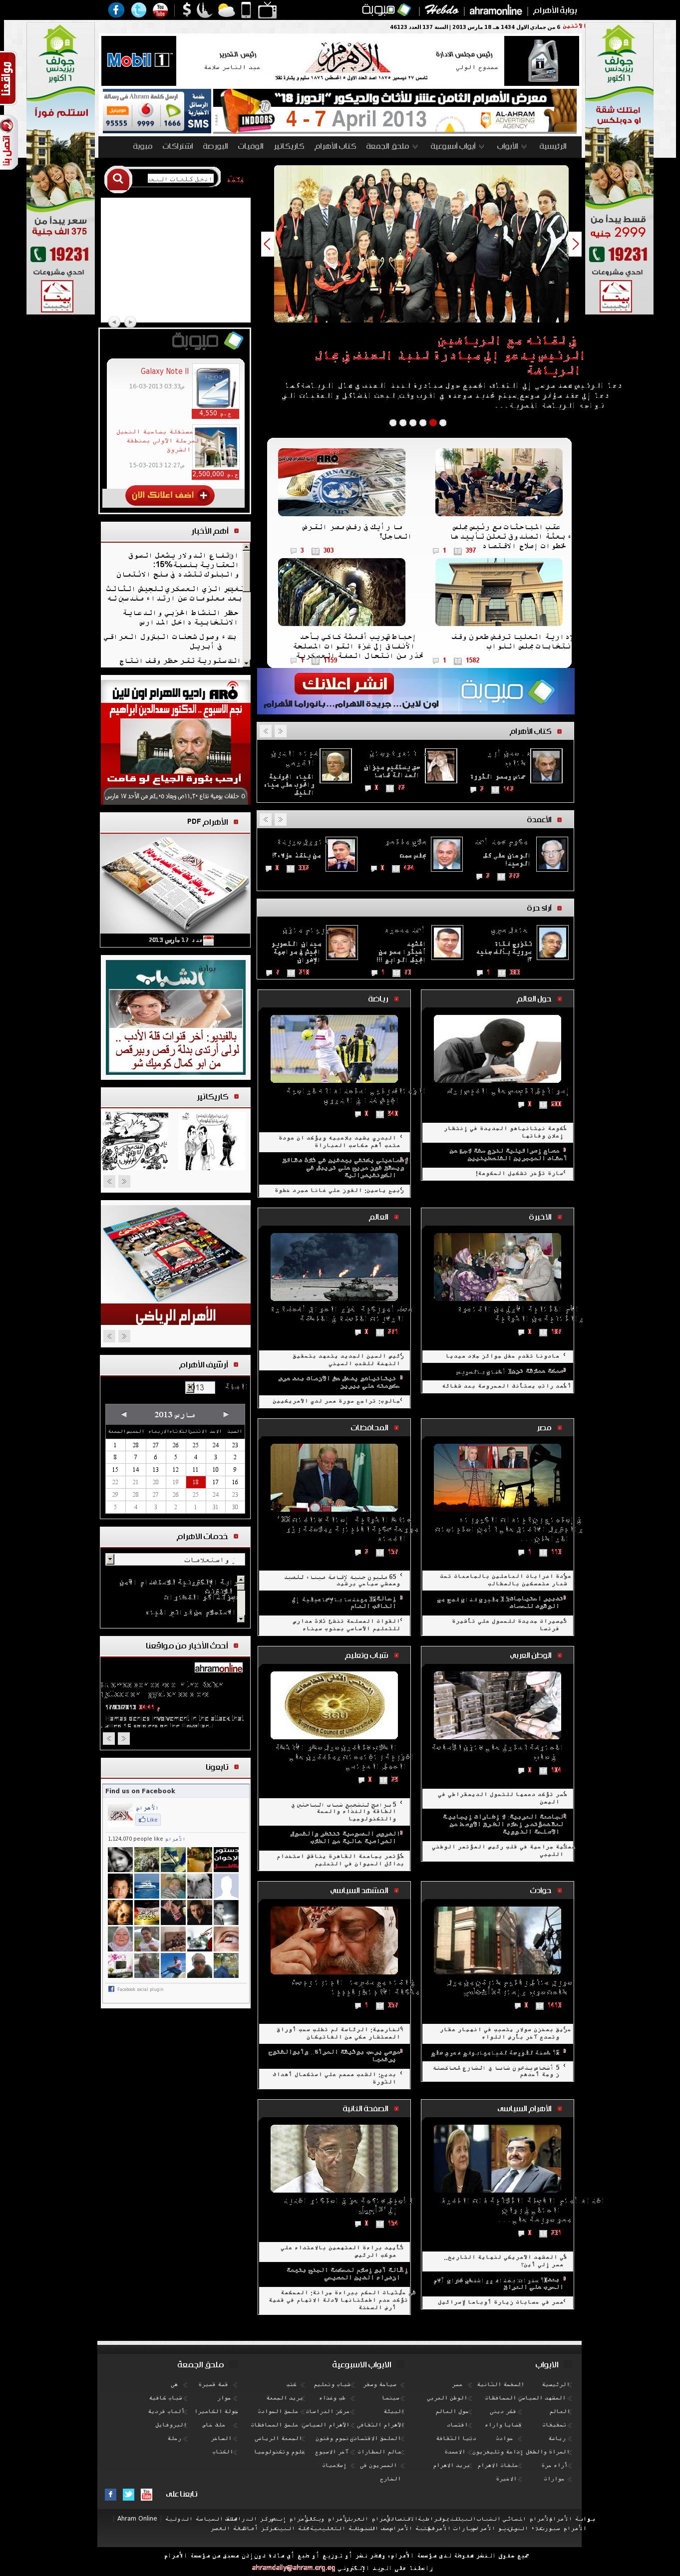 Al-Ahram at Monday March 18, 2013, 2 a.m. UTC